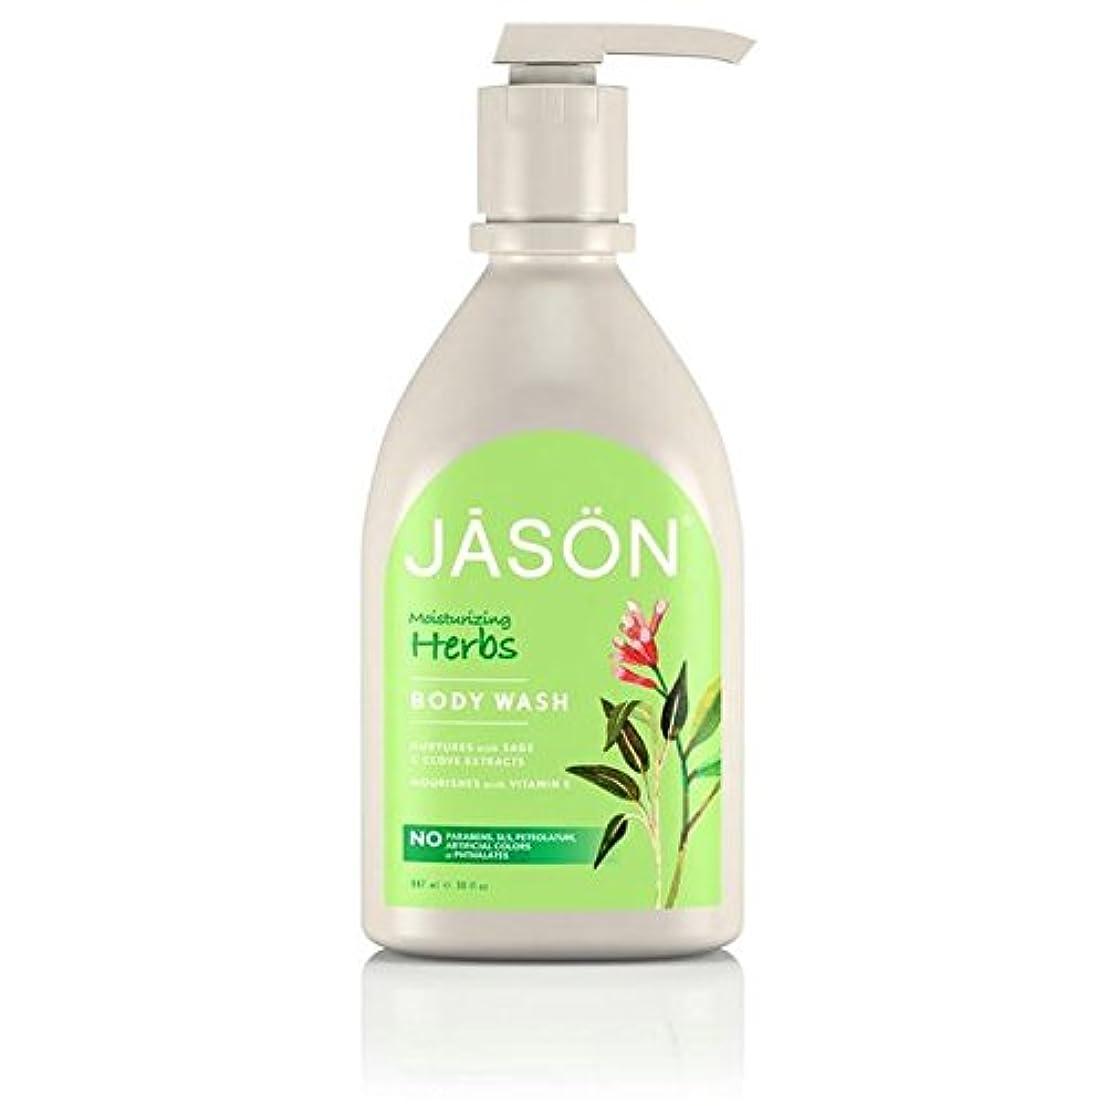 余分な王室排他的Jason Herbal Satin Body Wash Pump 900ml - ジェイソン?ハーブサテンボディウォッシュポンプ900ミリリットル [並行輸入品]